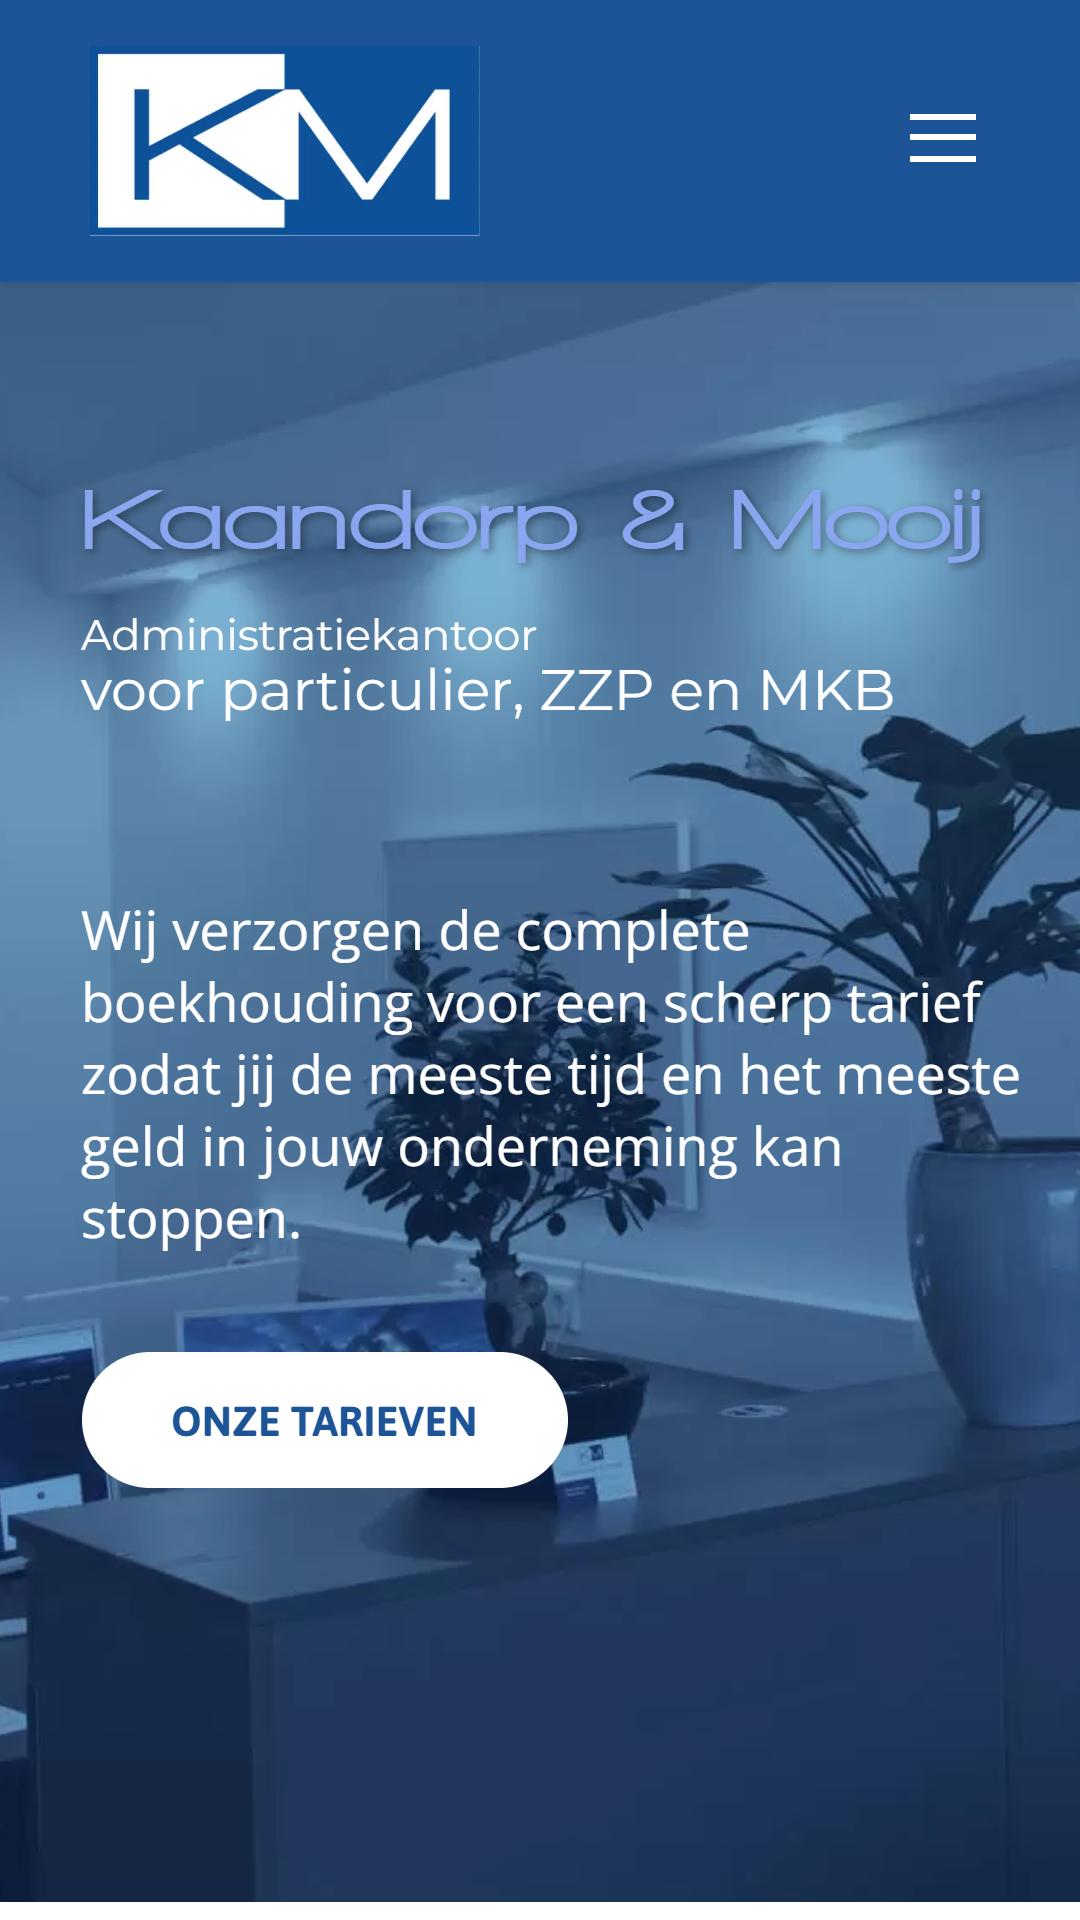 kaandorpmooij.nl - Nieuw - Mobielweergave